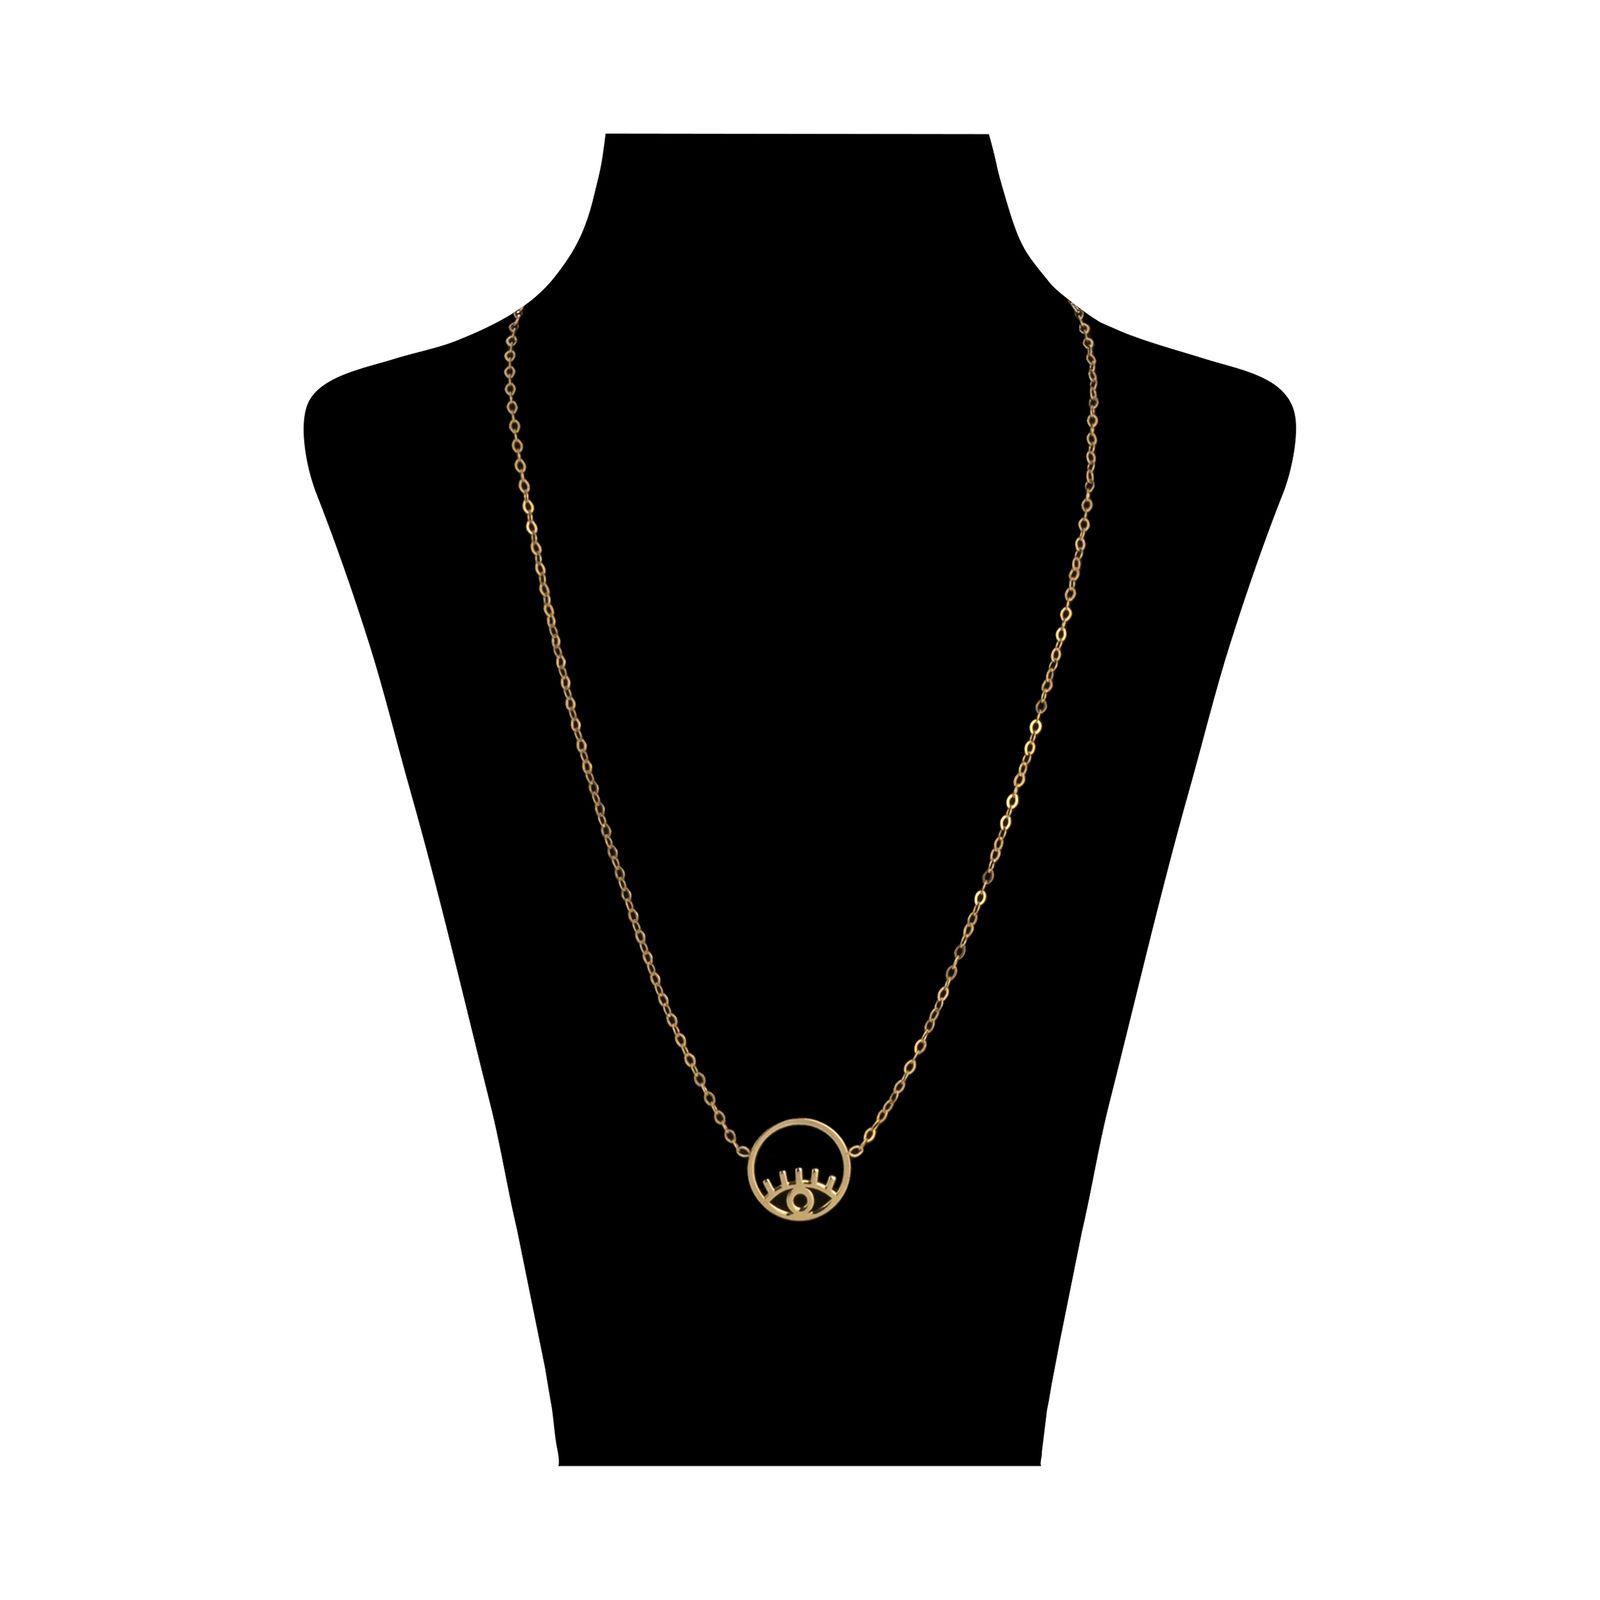 گردنبند طلا 18 عیار زنانه میو گلد مدل GD620 -  - 2